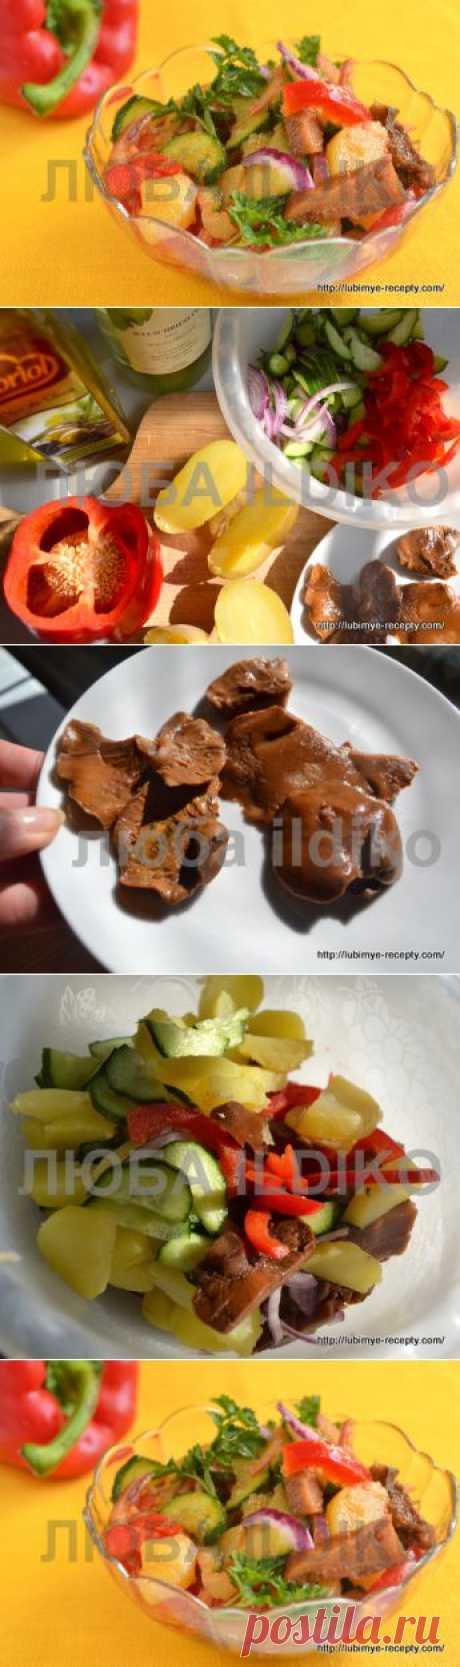 Салат с маринованными грибами «Кодру» | 4vkusa.ru